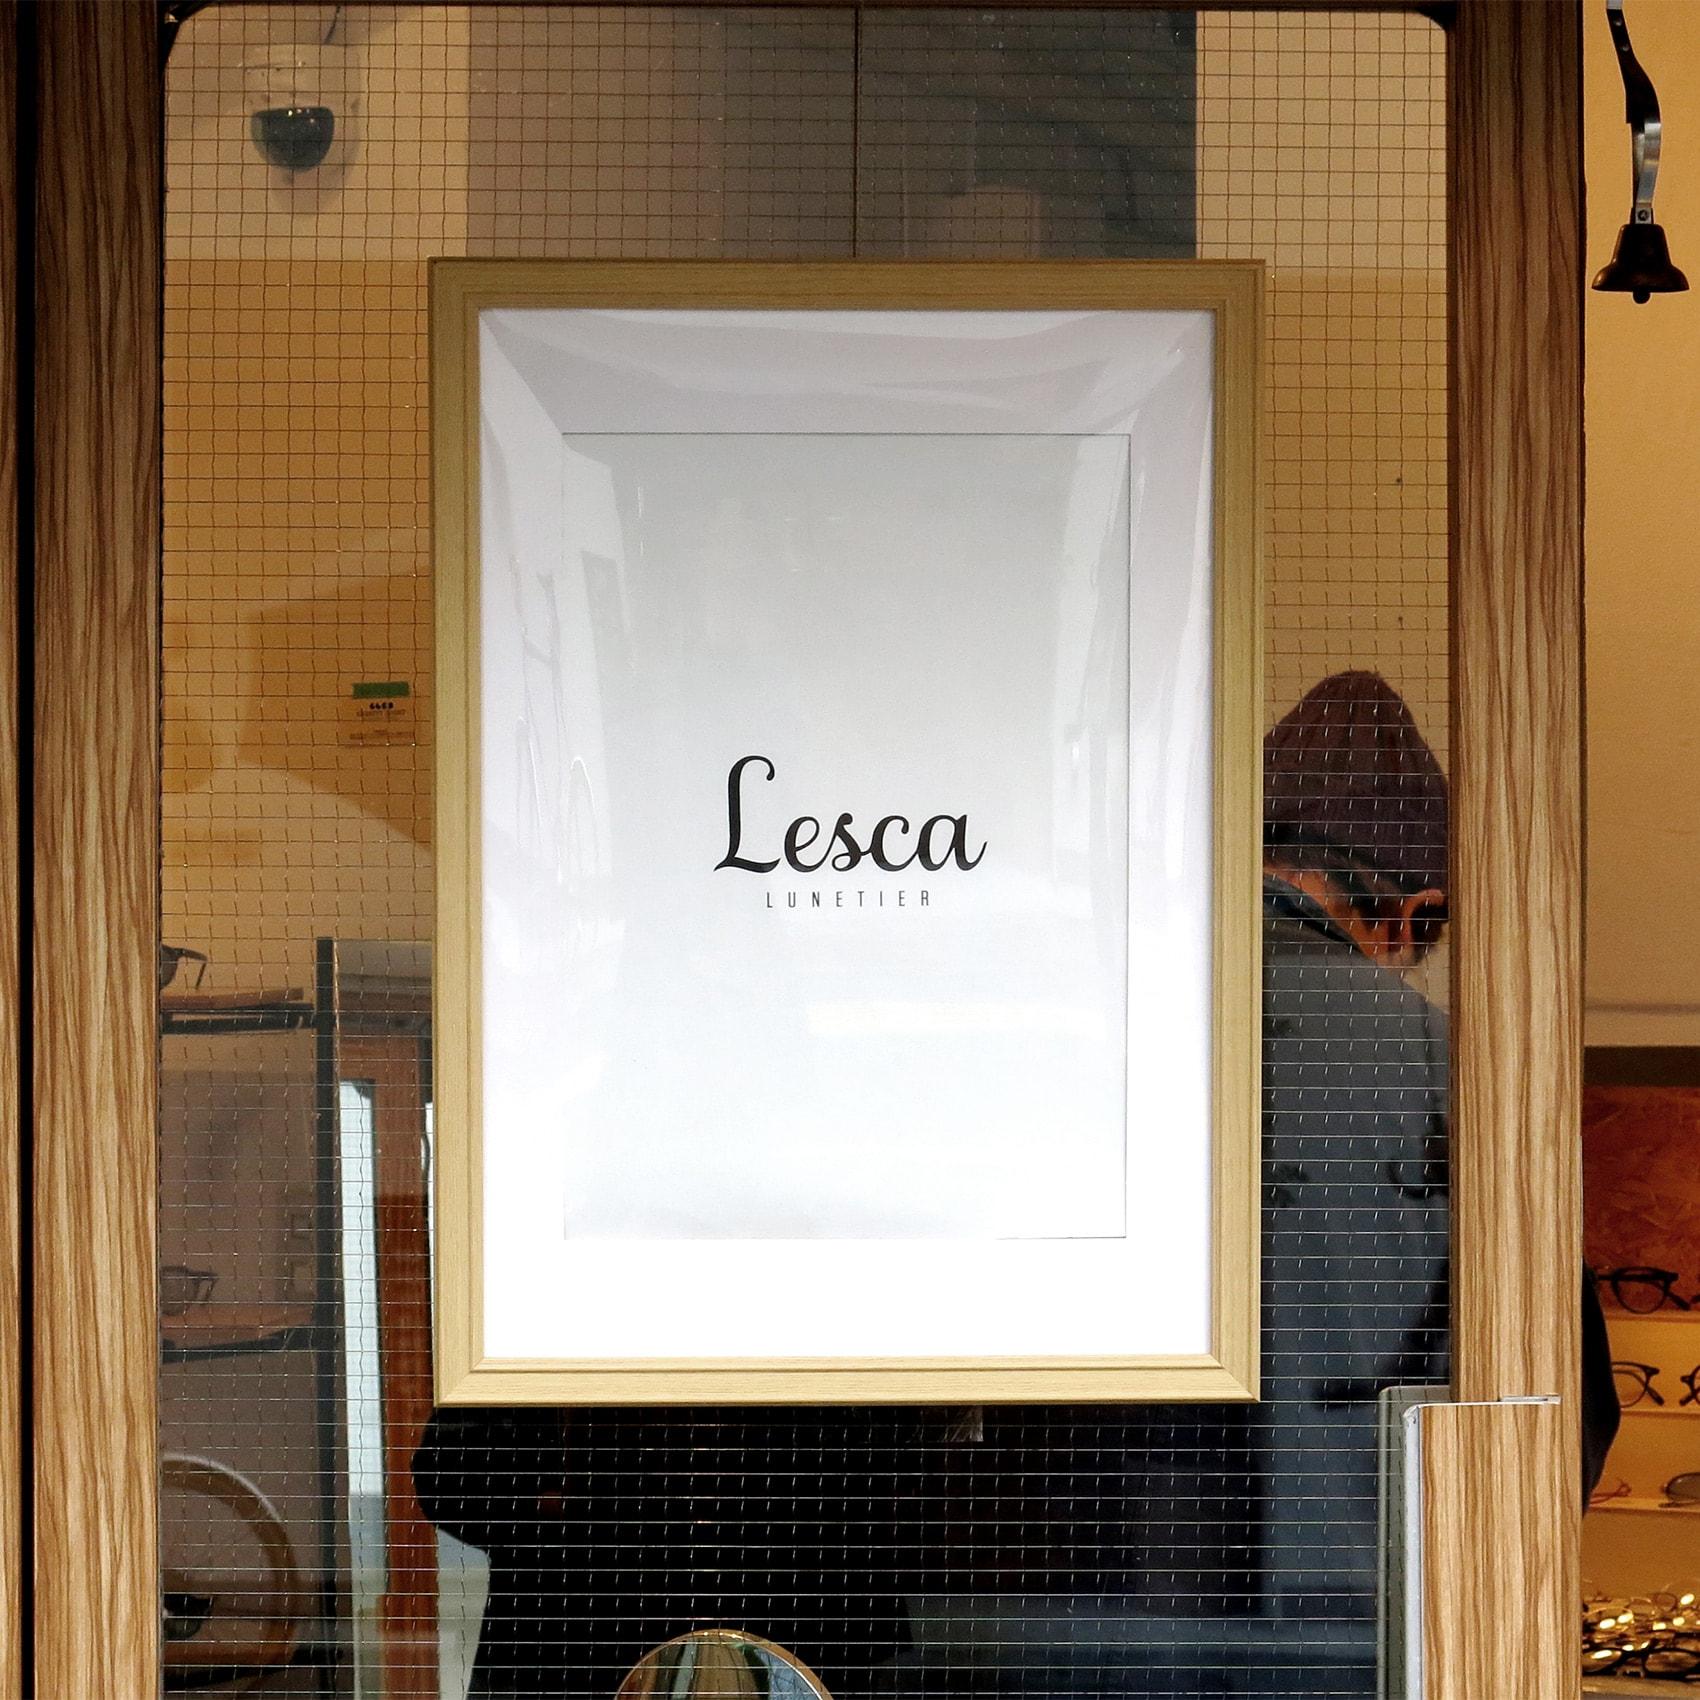 161008-lesca-01